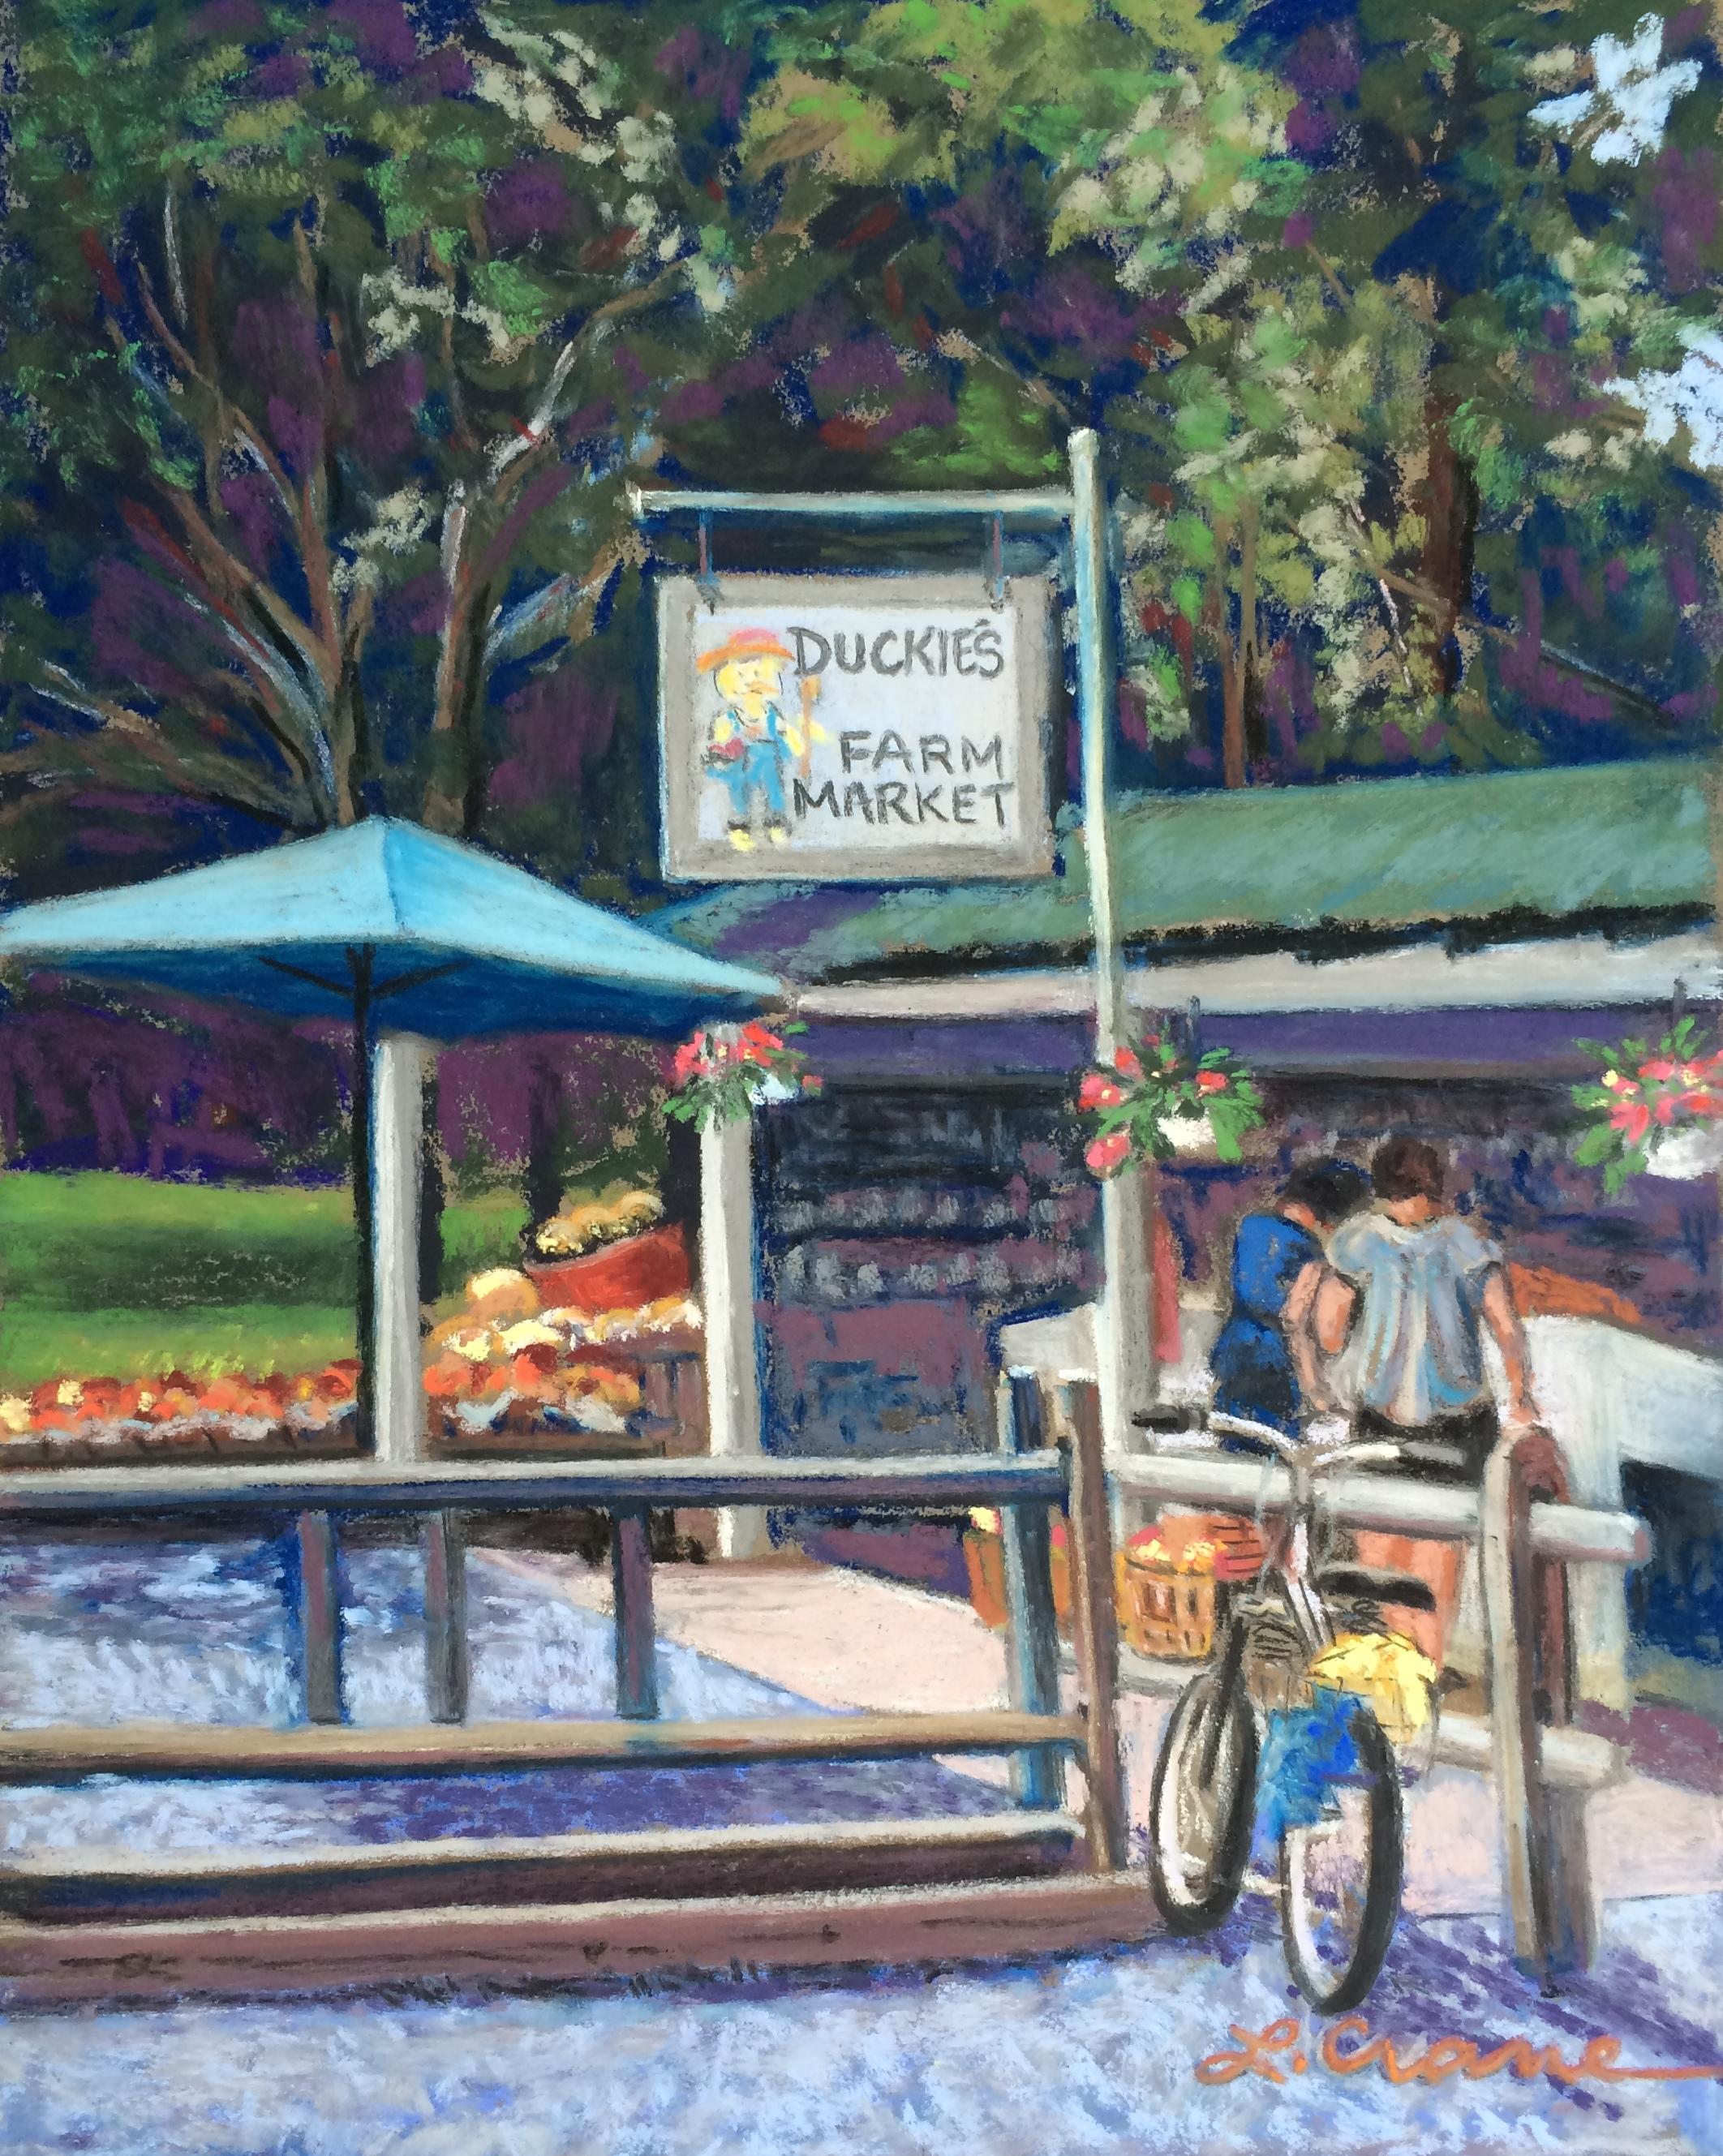 Duckie's Farm Market